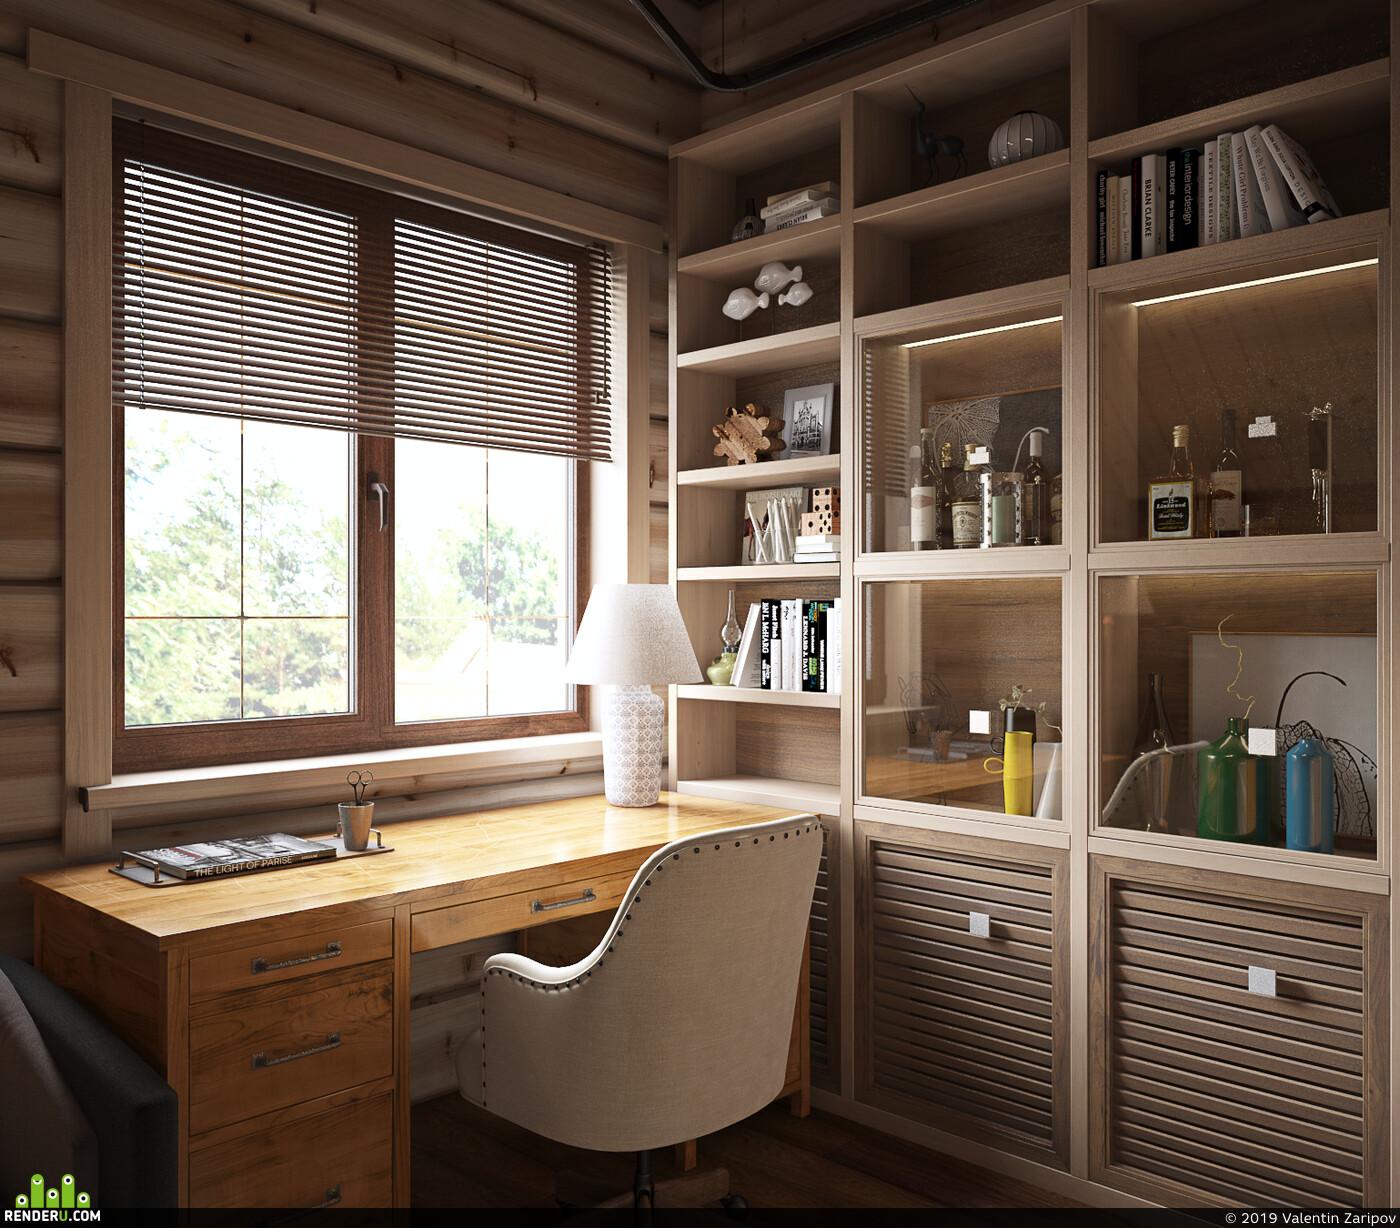 3д макс, вирей, Визуализация, интерьер, визуализация интерьера, дизайн, Дизайн Проект, кабинет, Загородный дом